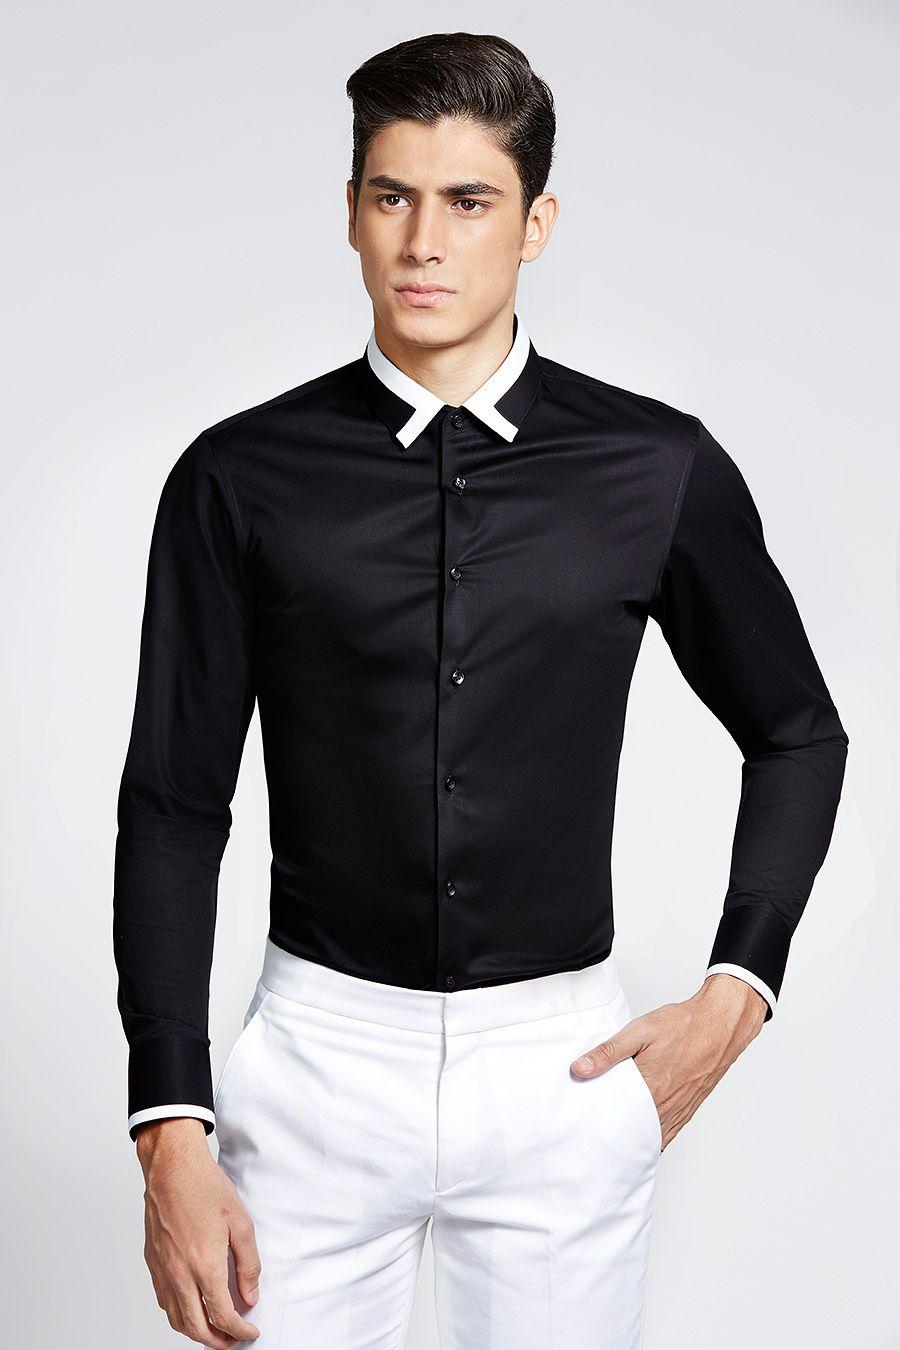 Designer Shirt By Adamist Dress Shirts Pinterest Shirts Shirt